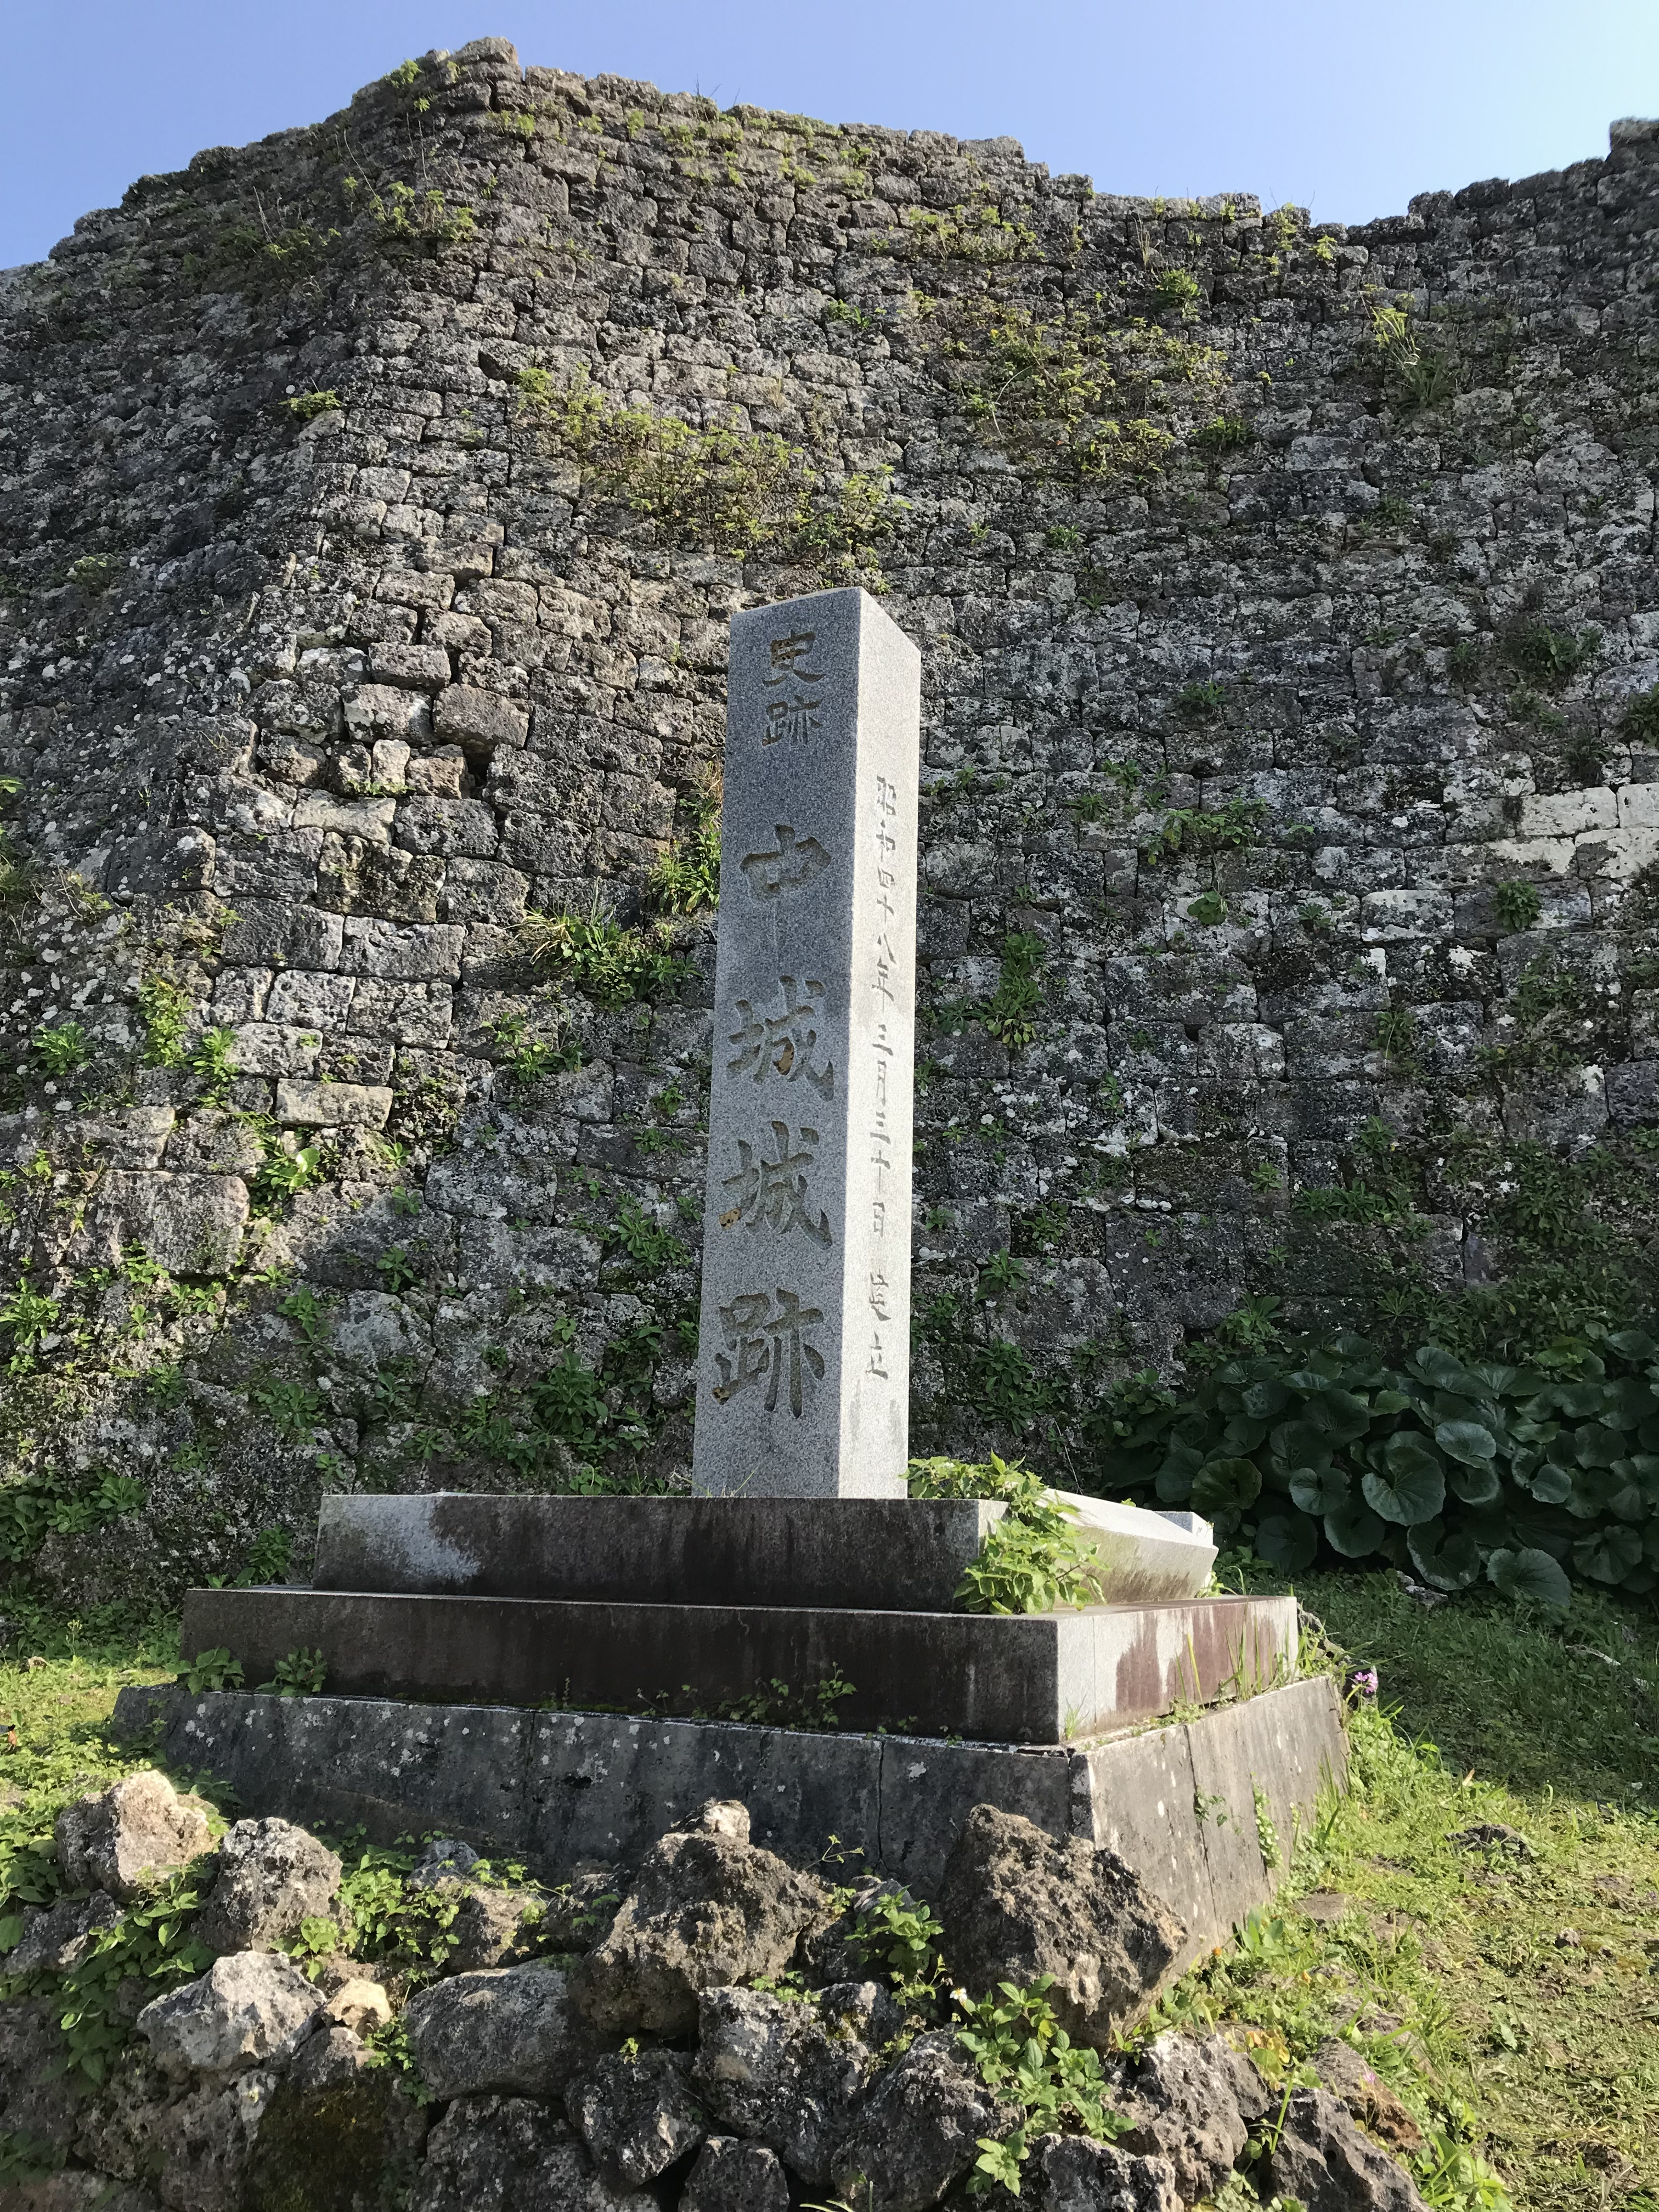 中城城跡の石積み建築、史跡「中城城跡」の写真